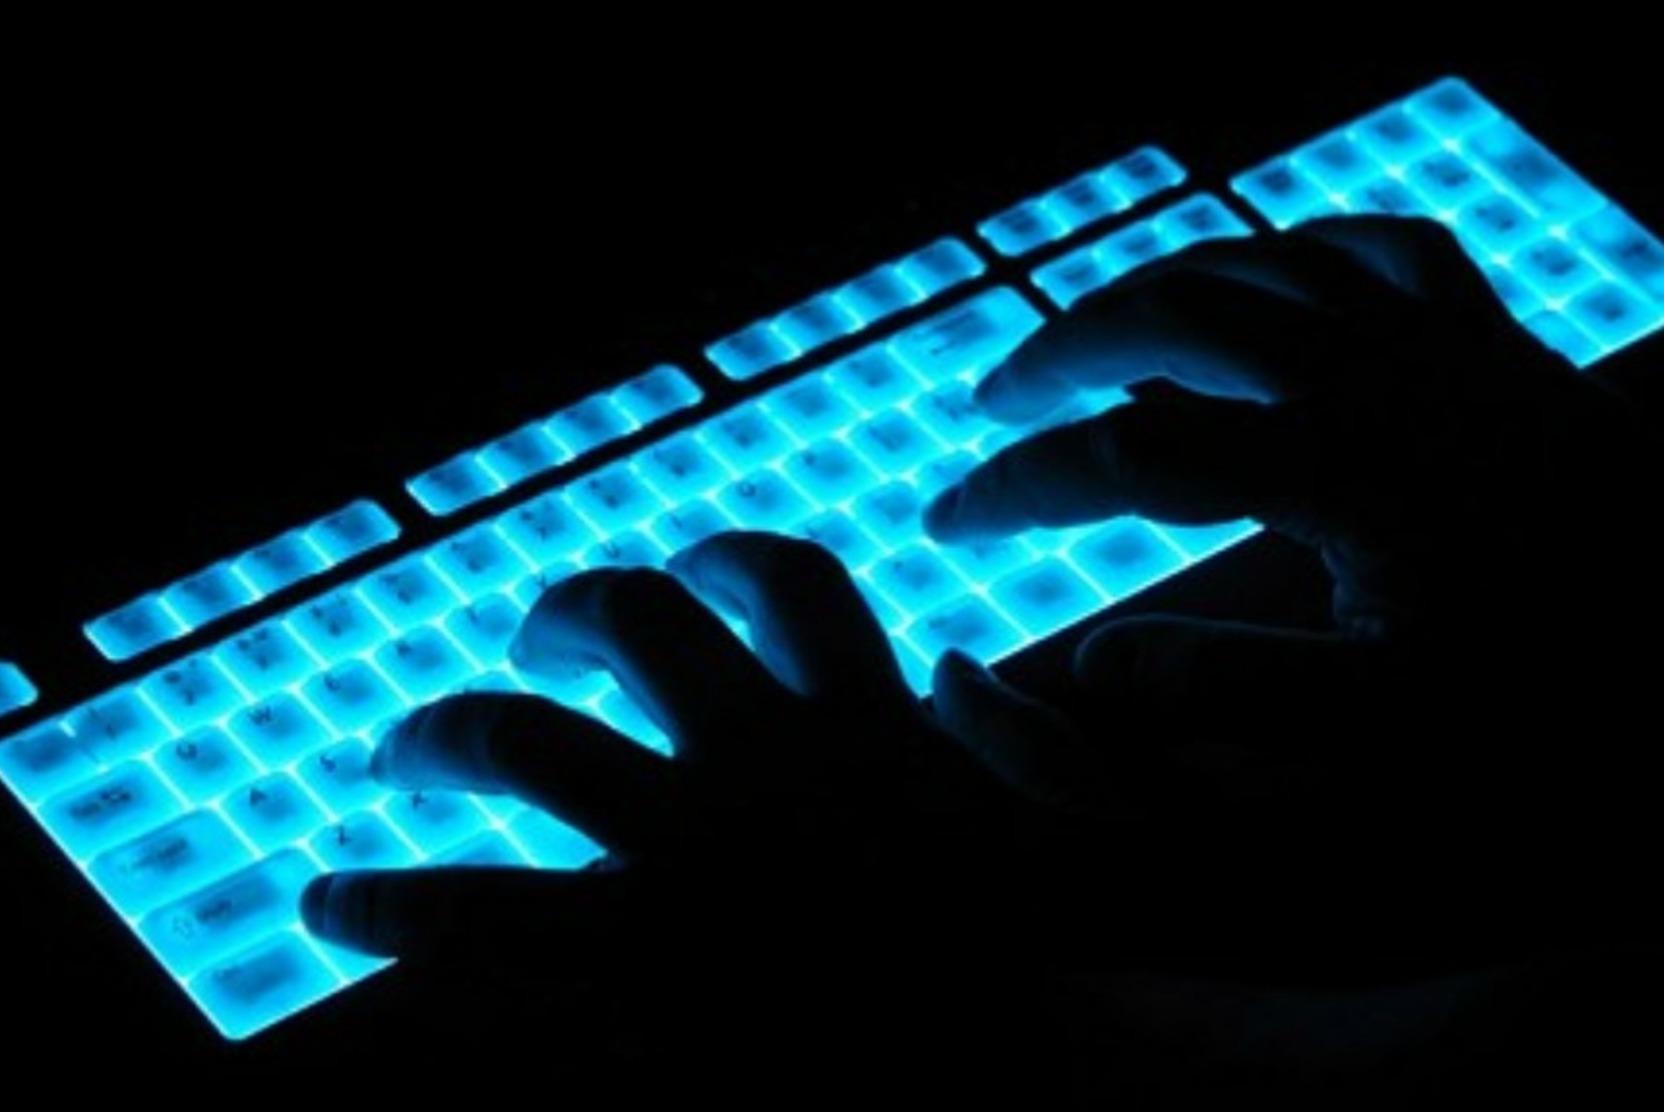 В Microsoft заявили о свидетельствах причастности российской разведки к кибератаке